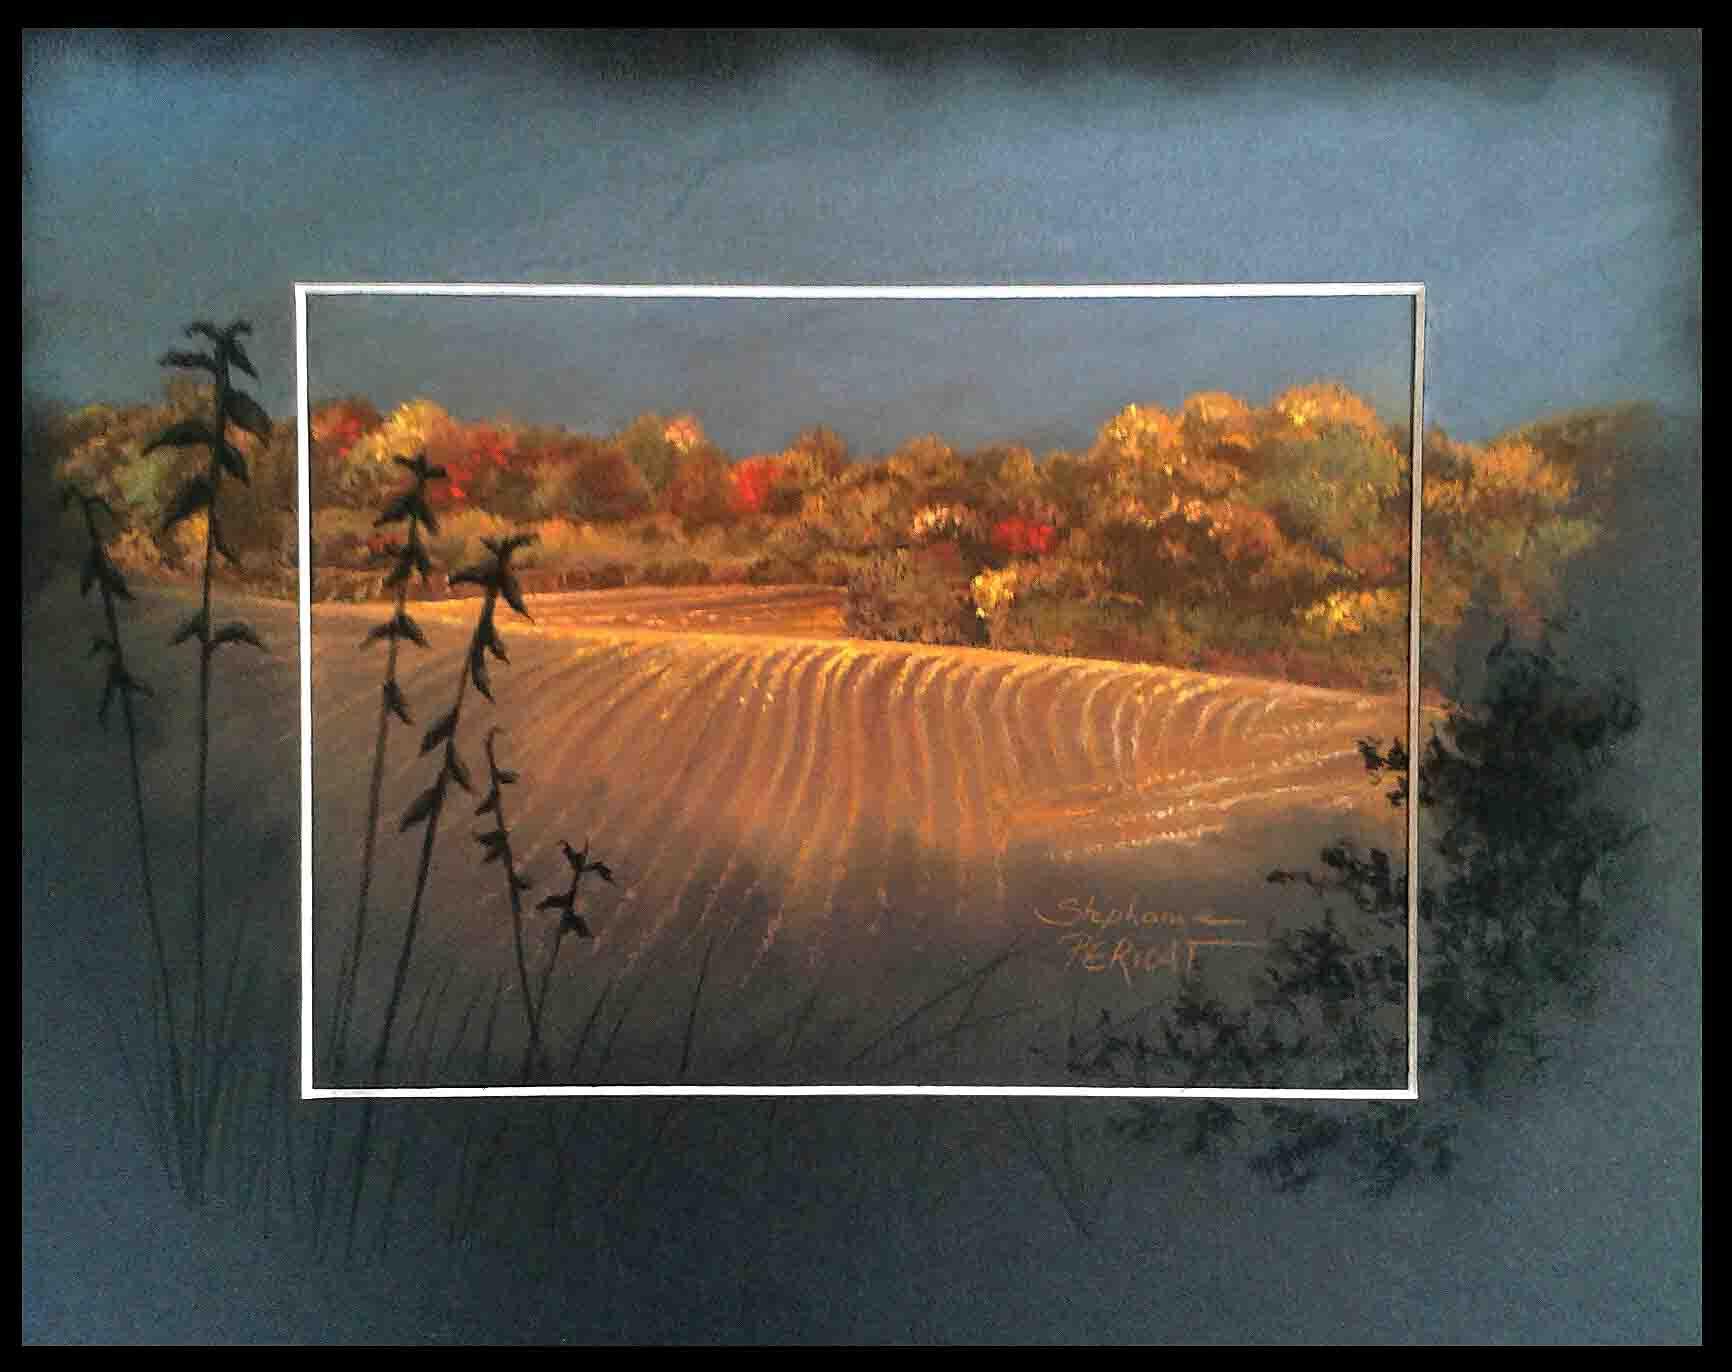 la valaiserie au matin (morning at la valaiserie) - pastel sec (soft pastel) - 24x30cm